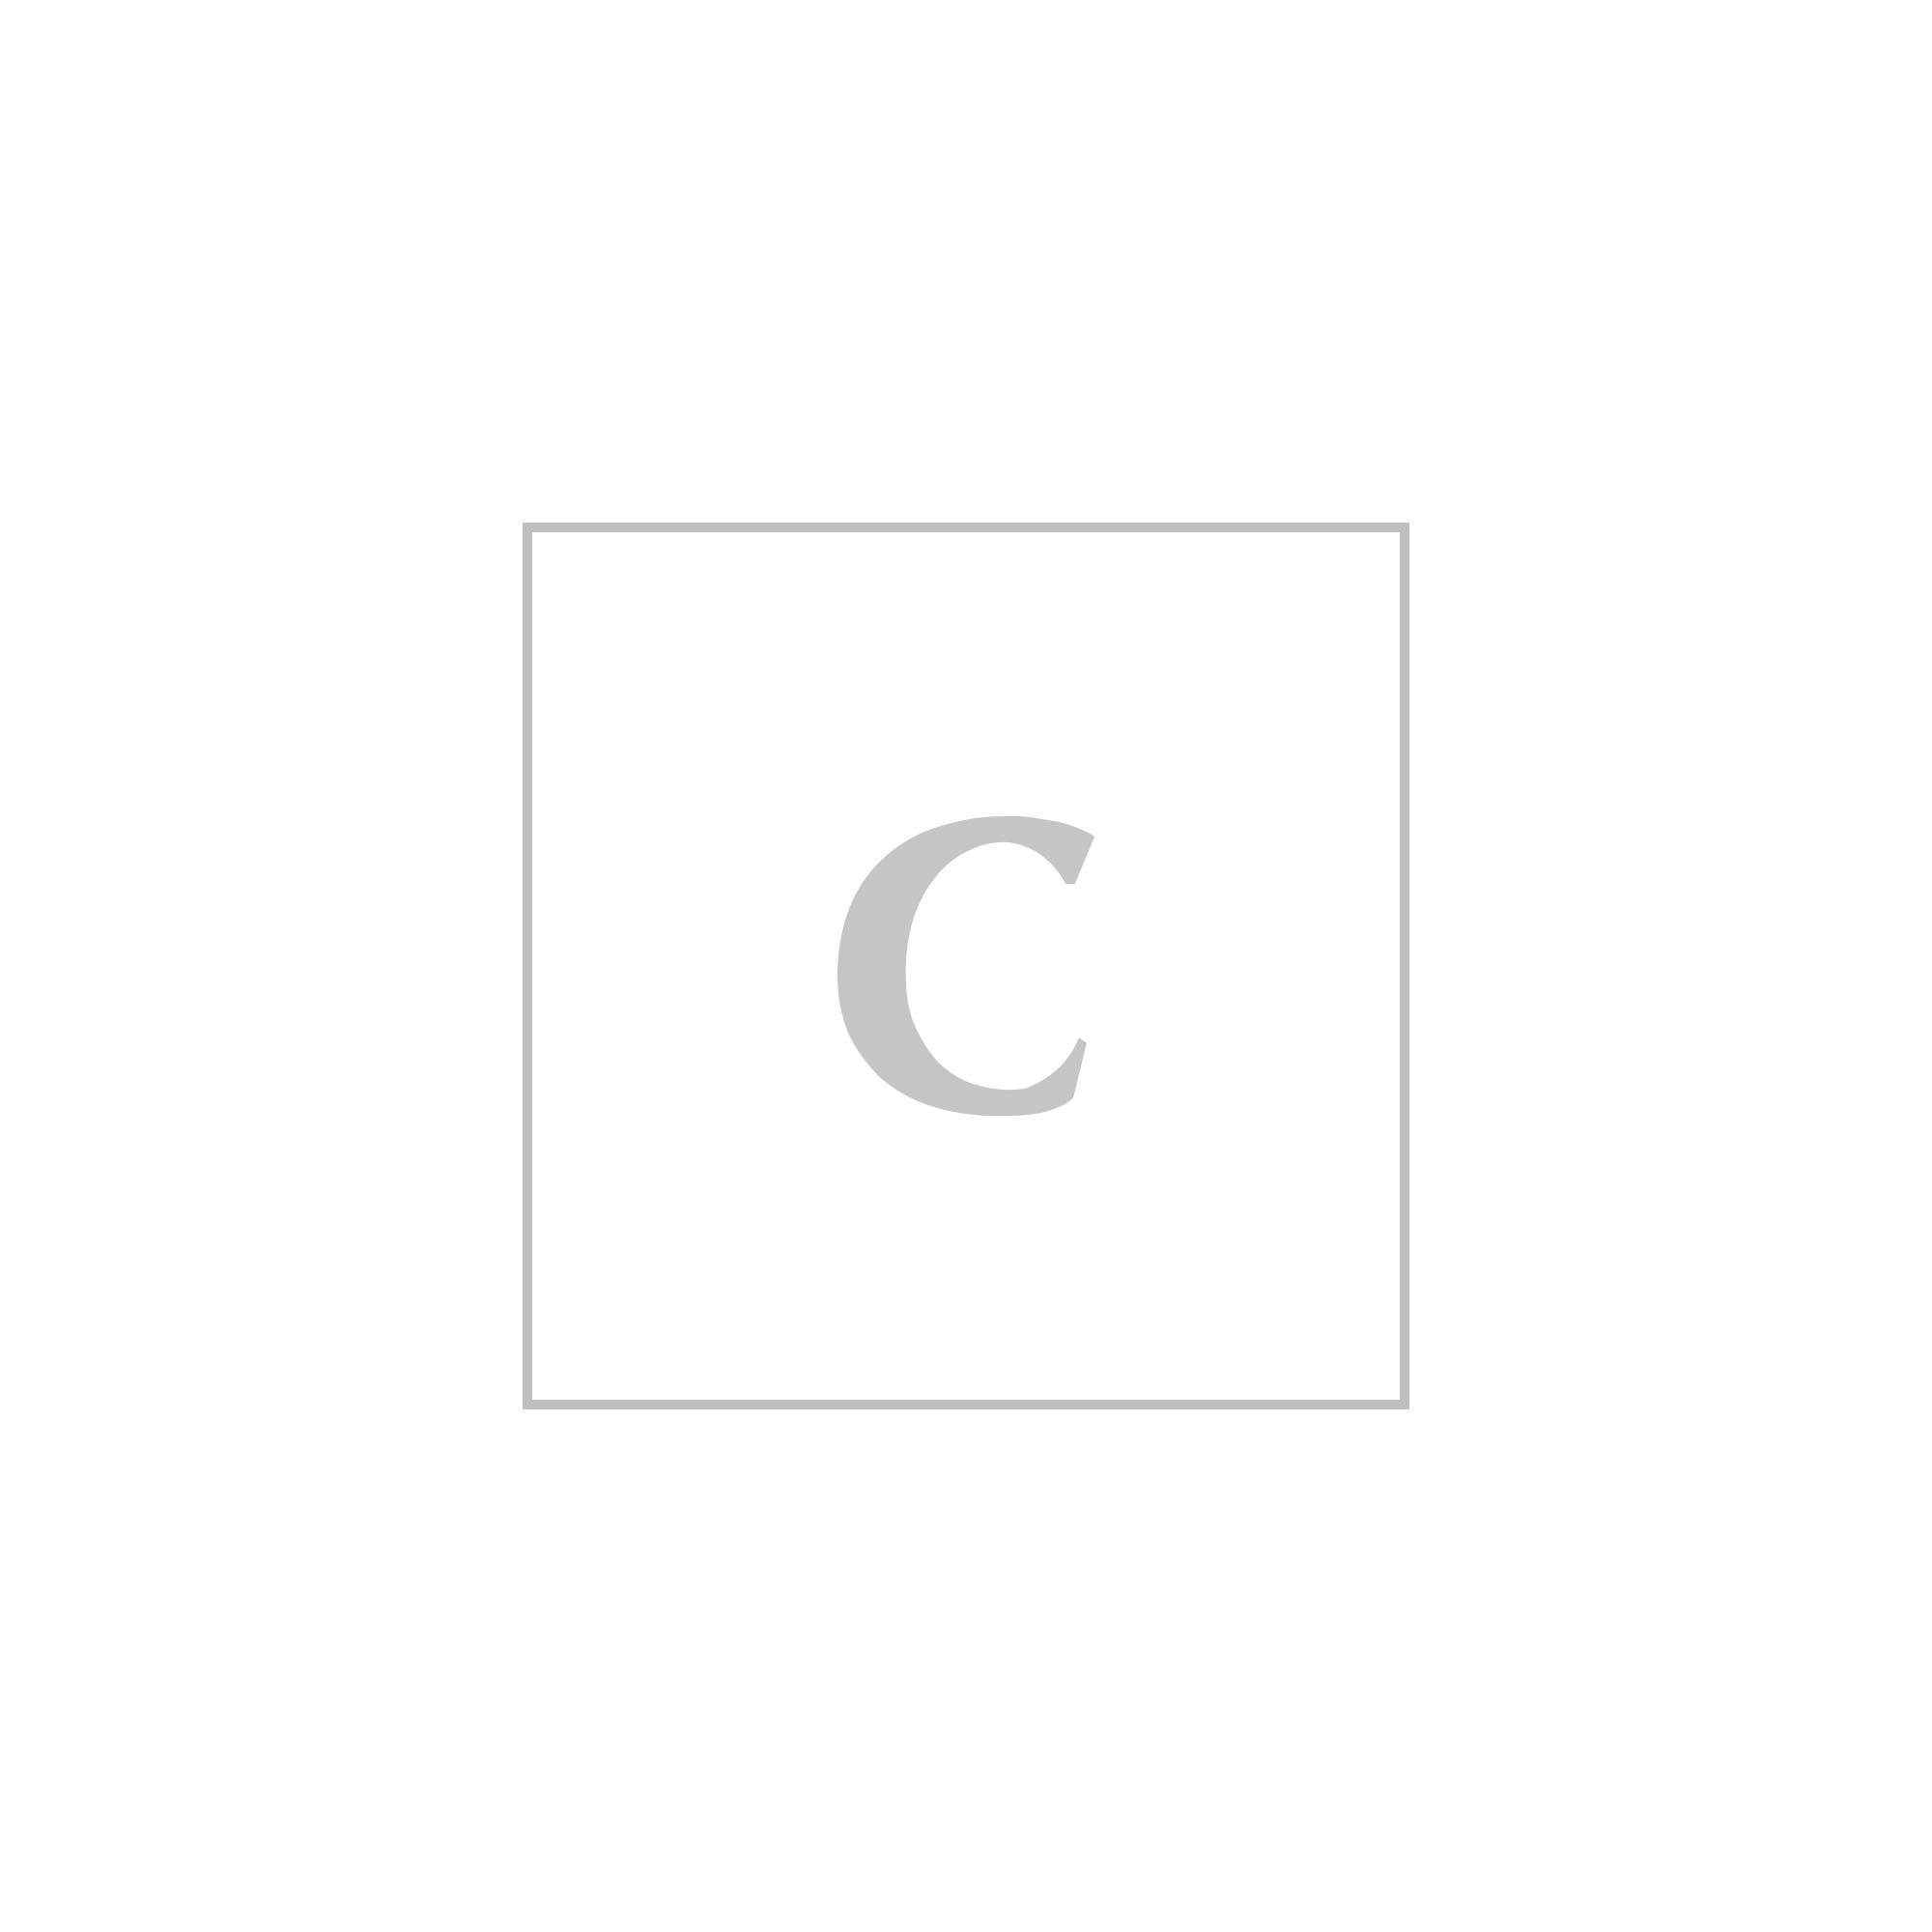 cedfc2845db94 felpe marni misto 172418dfe000002-00b99-5.jpg